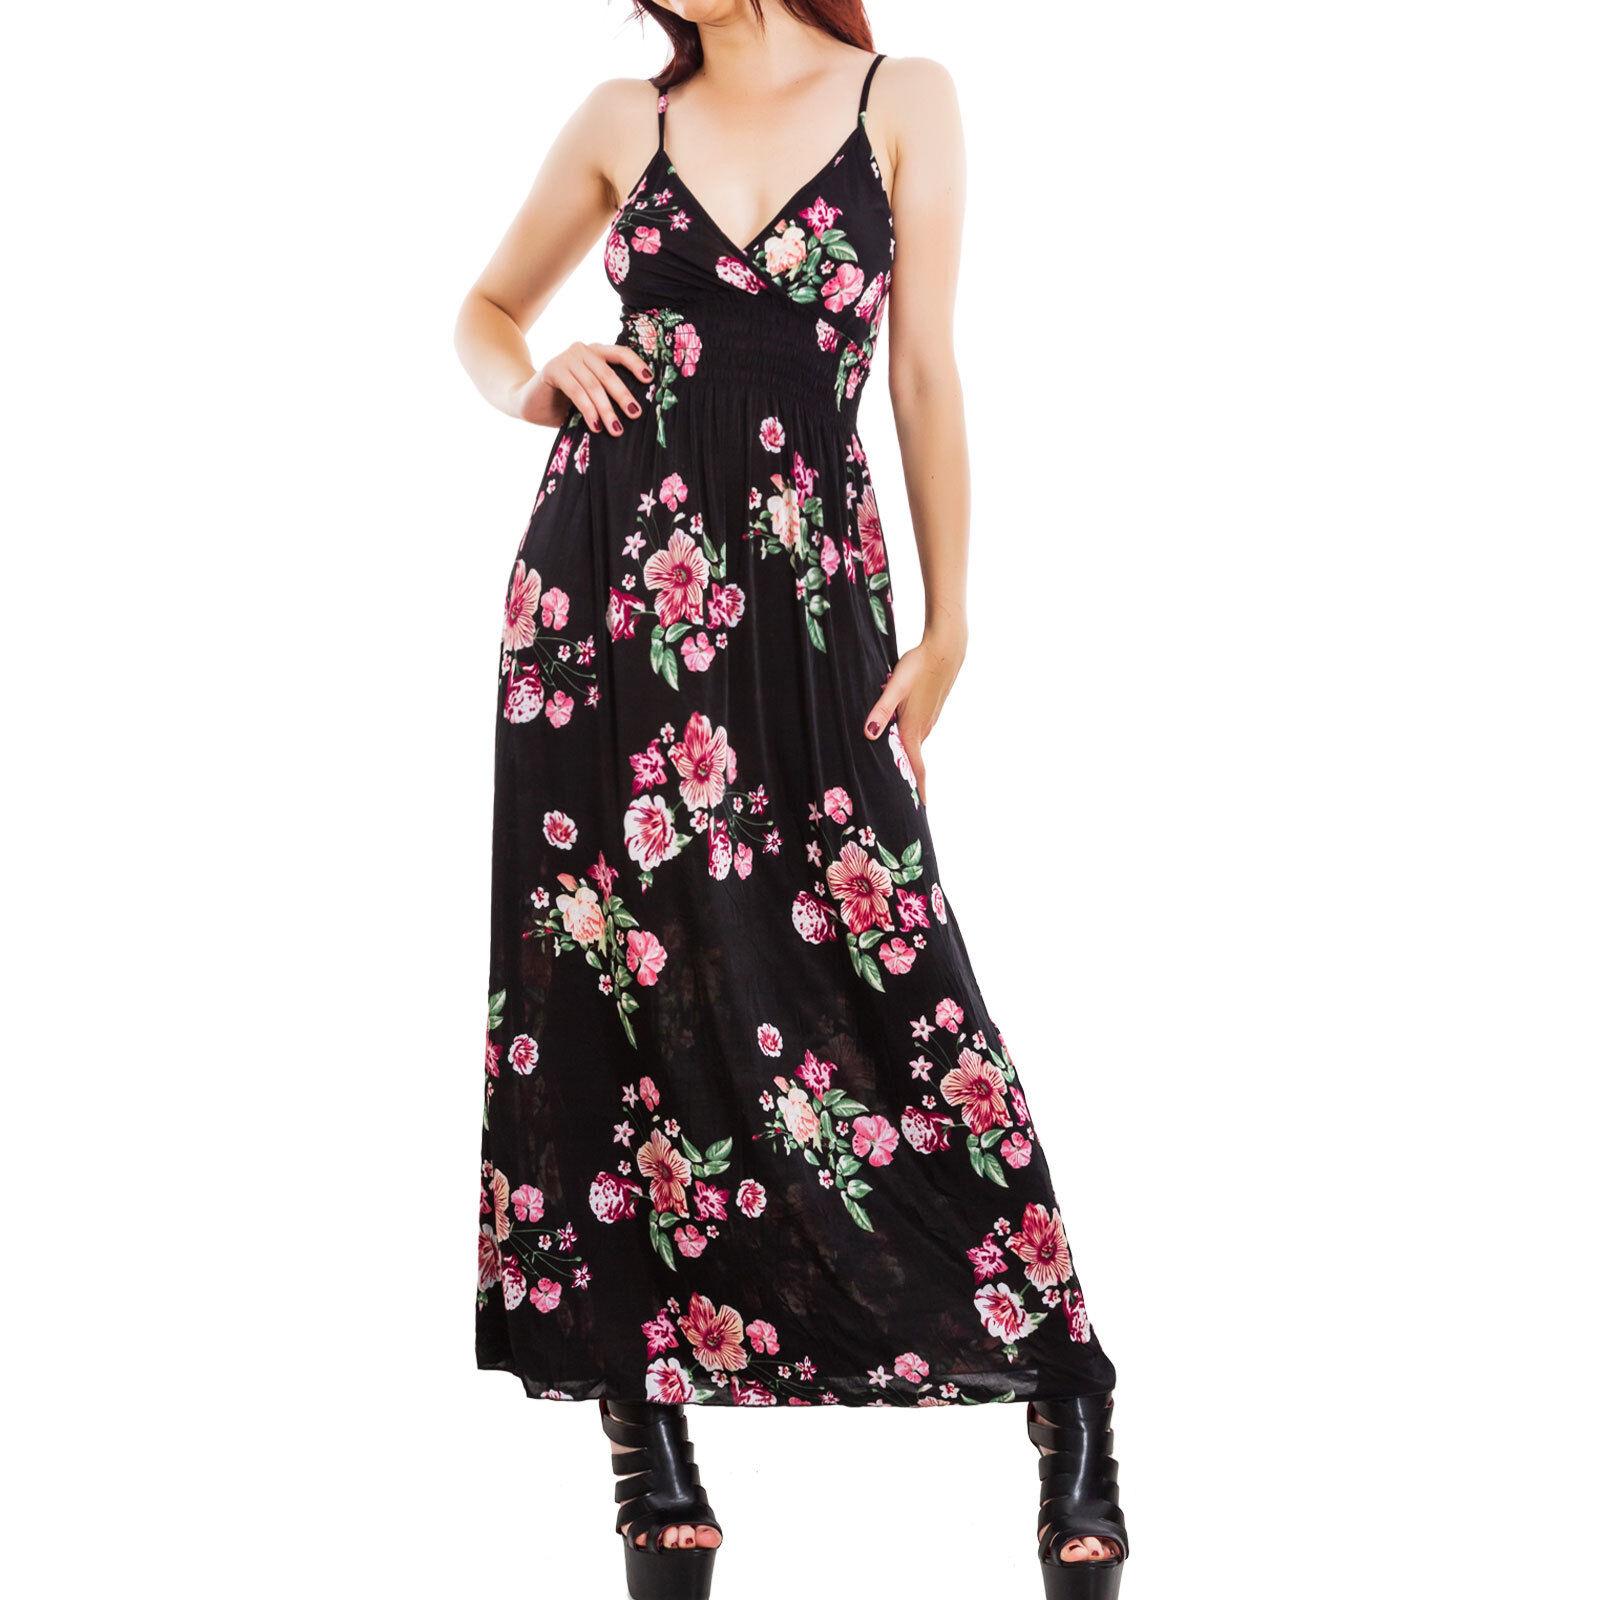 ... Robe femme longue robe maxi motif V à fleurs cou en V motif floral  élégant sexy ... 52d6376816e